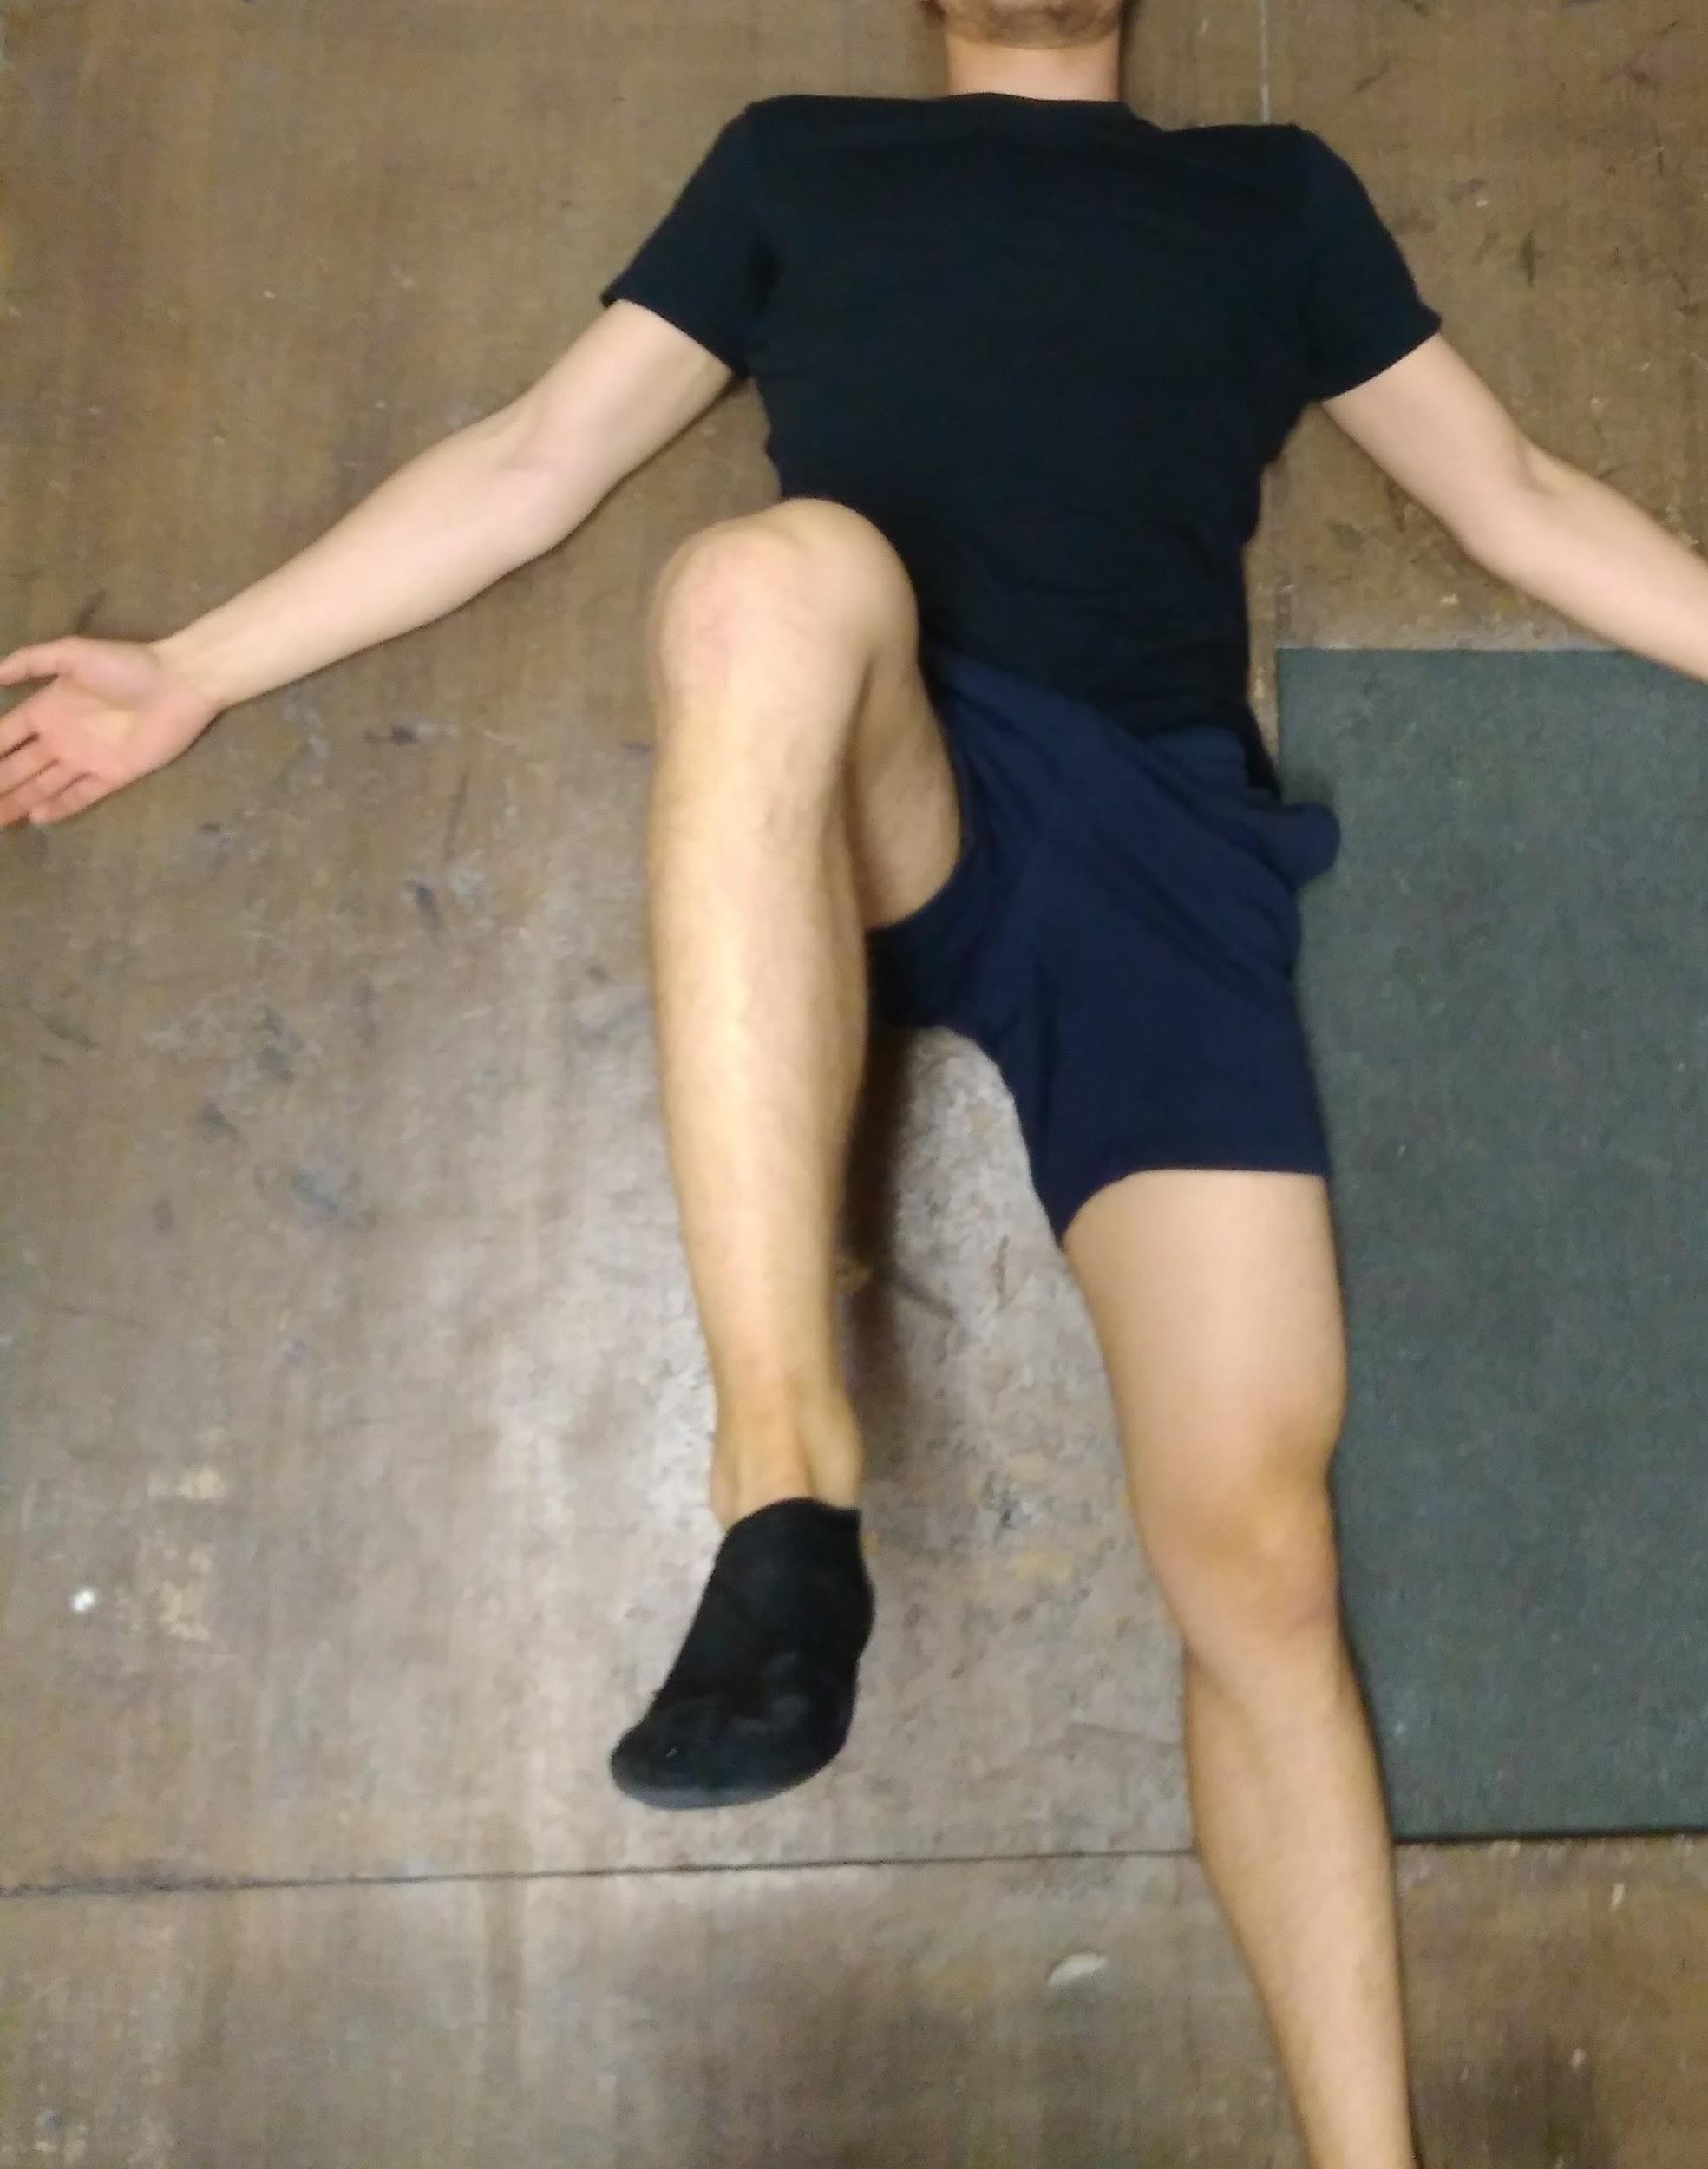 word image 47 - Butt-Wink beheben: So hälst du deinen Rücken gerade bei Kniebeugen